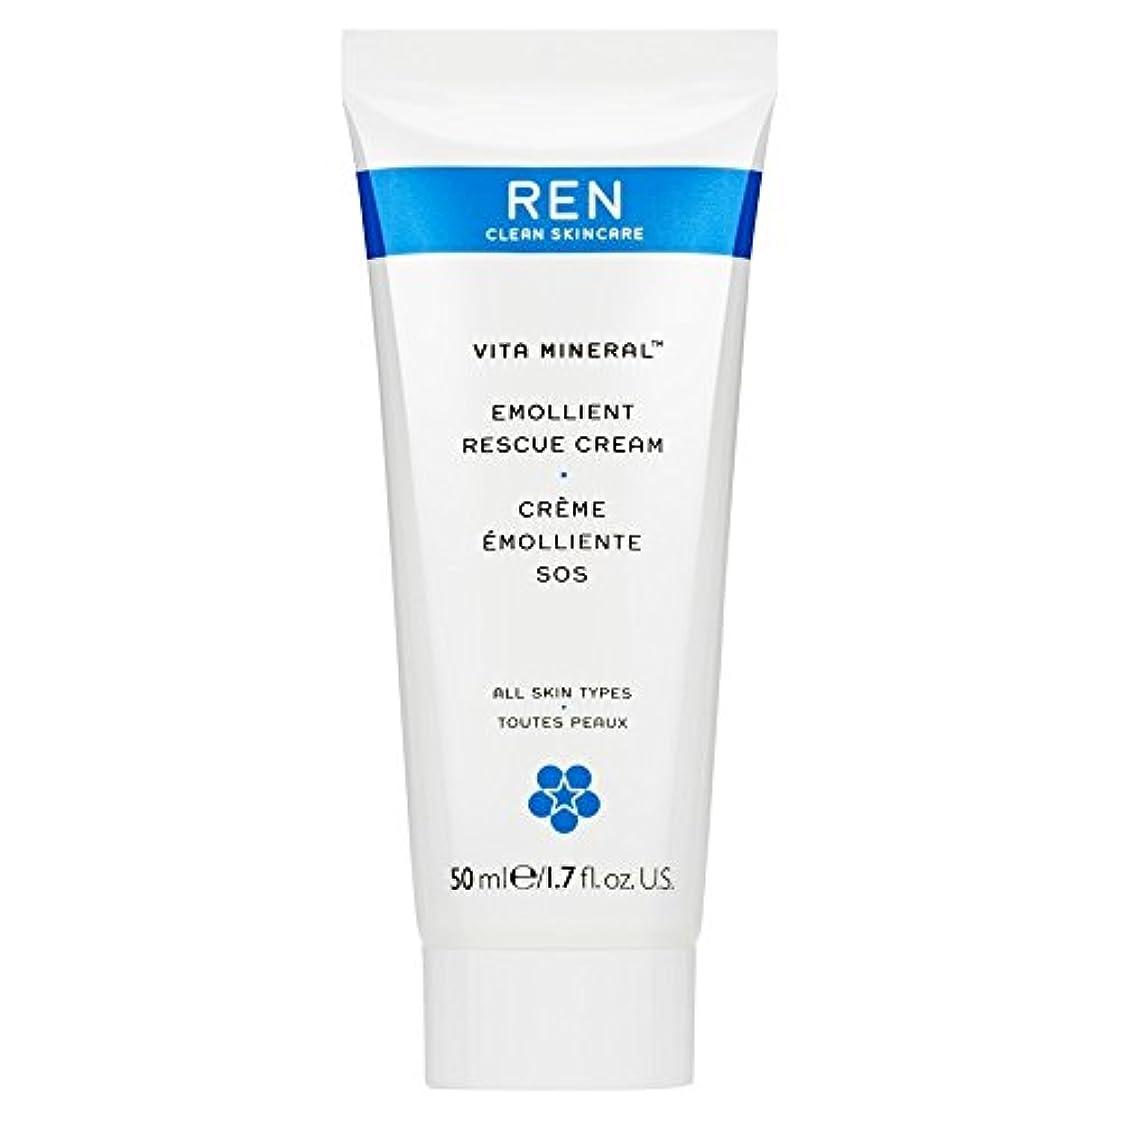 寄稿者顕著ライフルRenヴィータミネラルレスキュークリーム、50ミリリットル (REN) (x2) - REN Vita Mineral Rescue Cream, 50ml (Pack of 2) [並行輸入品]